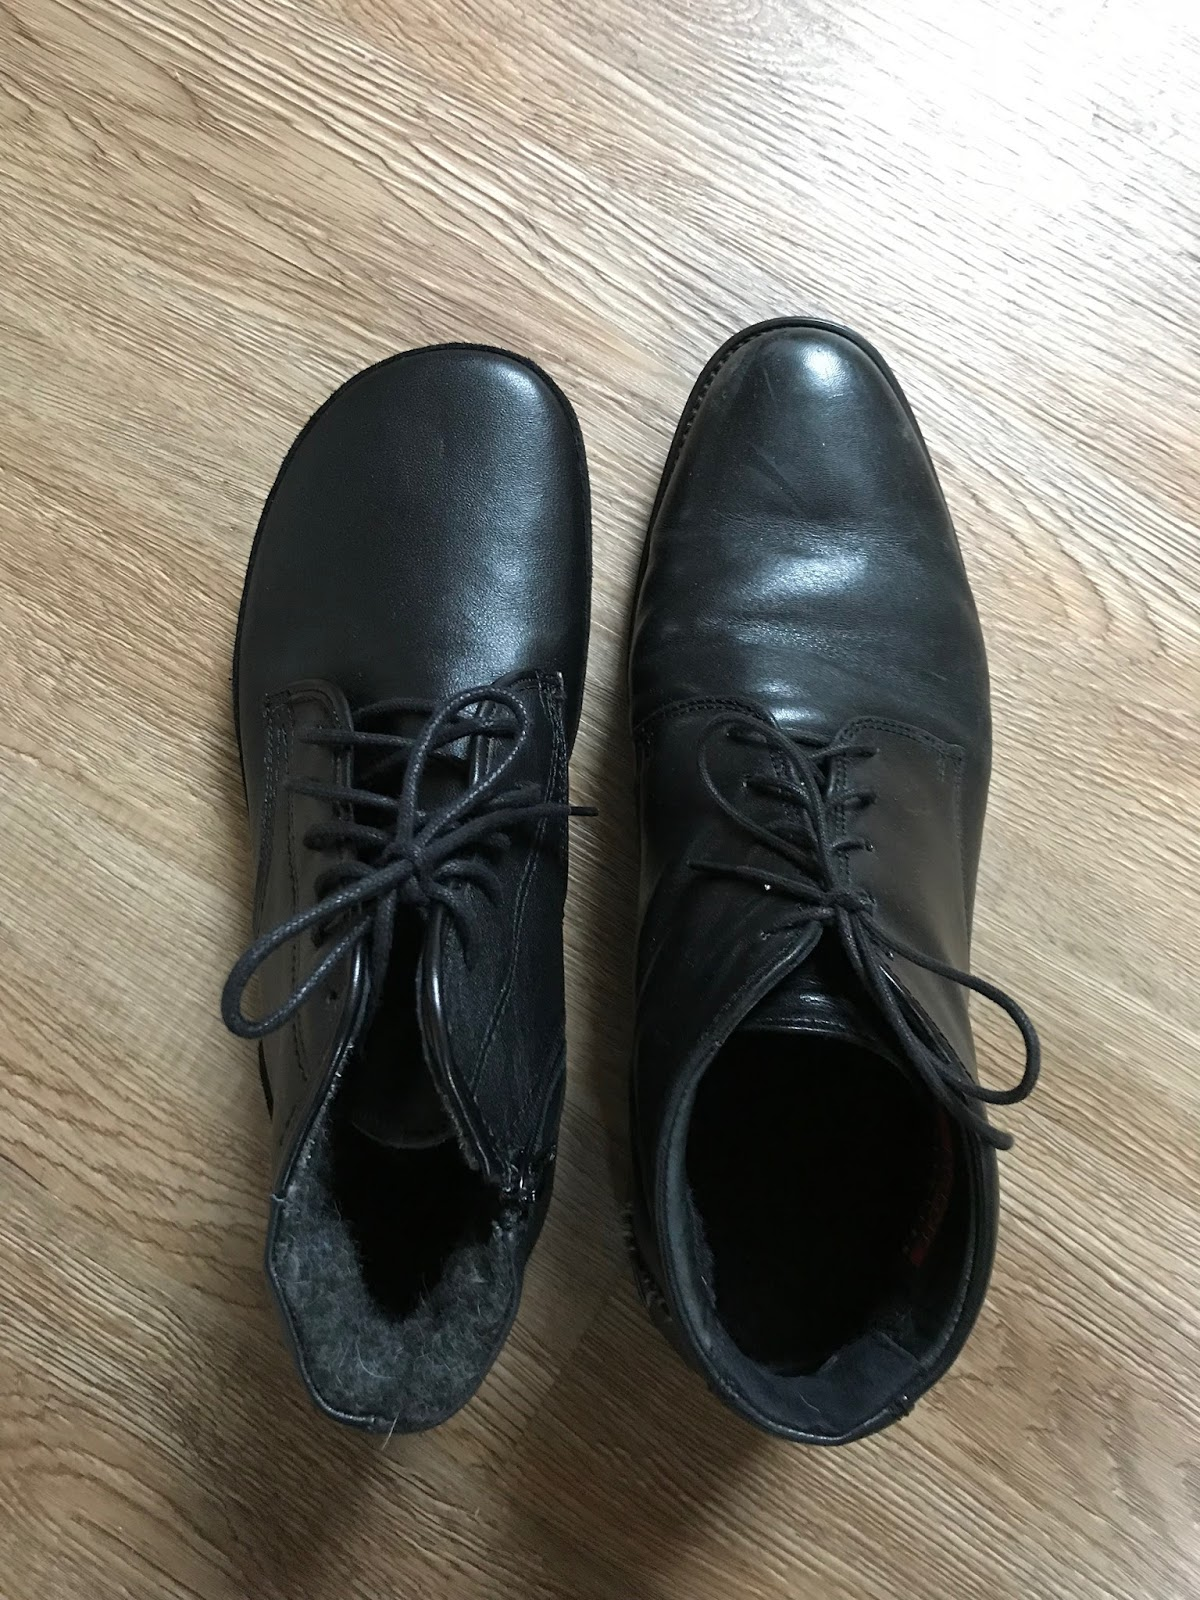 Zimní obutí mého muže letos a vloni  TadeEvo Winter vel. 42 (VD 28 cm) vs.